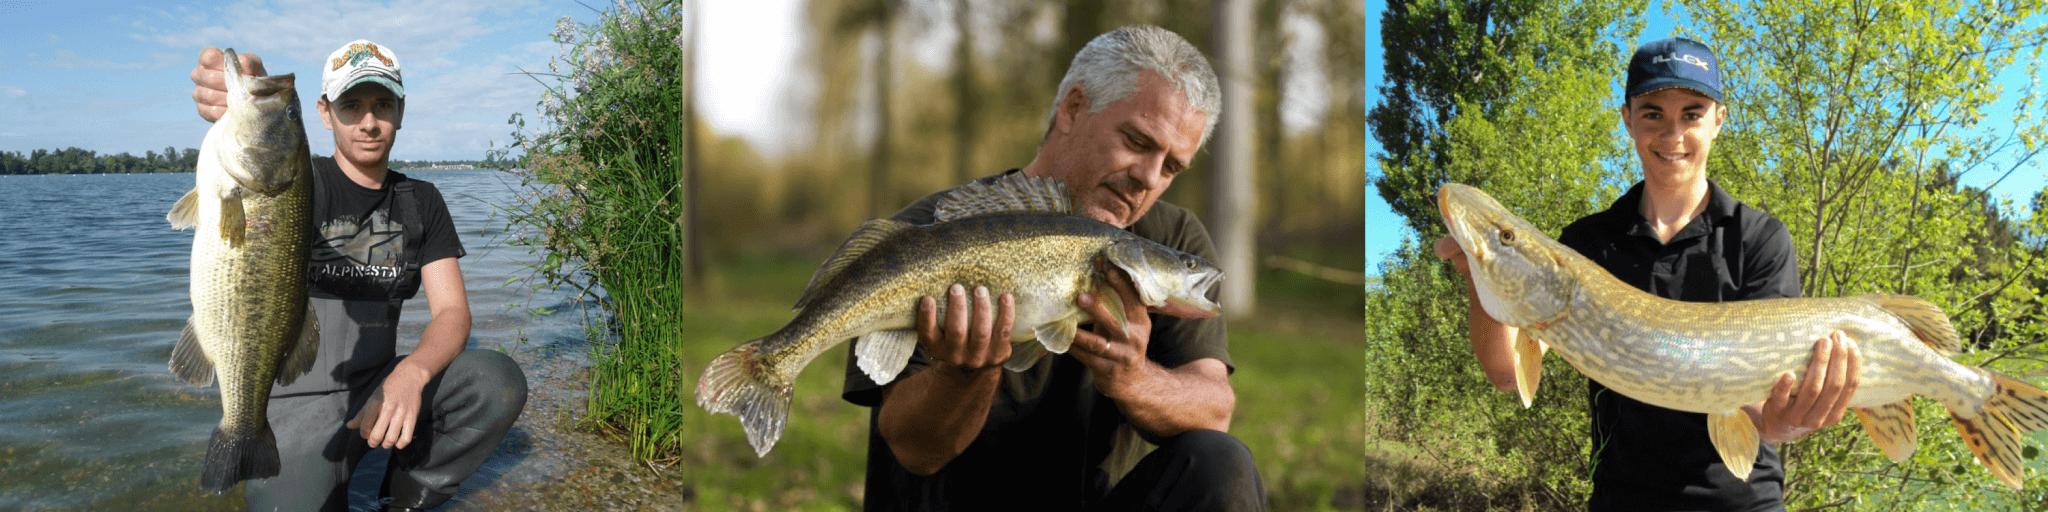 Pêcheurs_carnassier